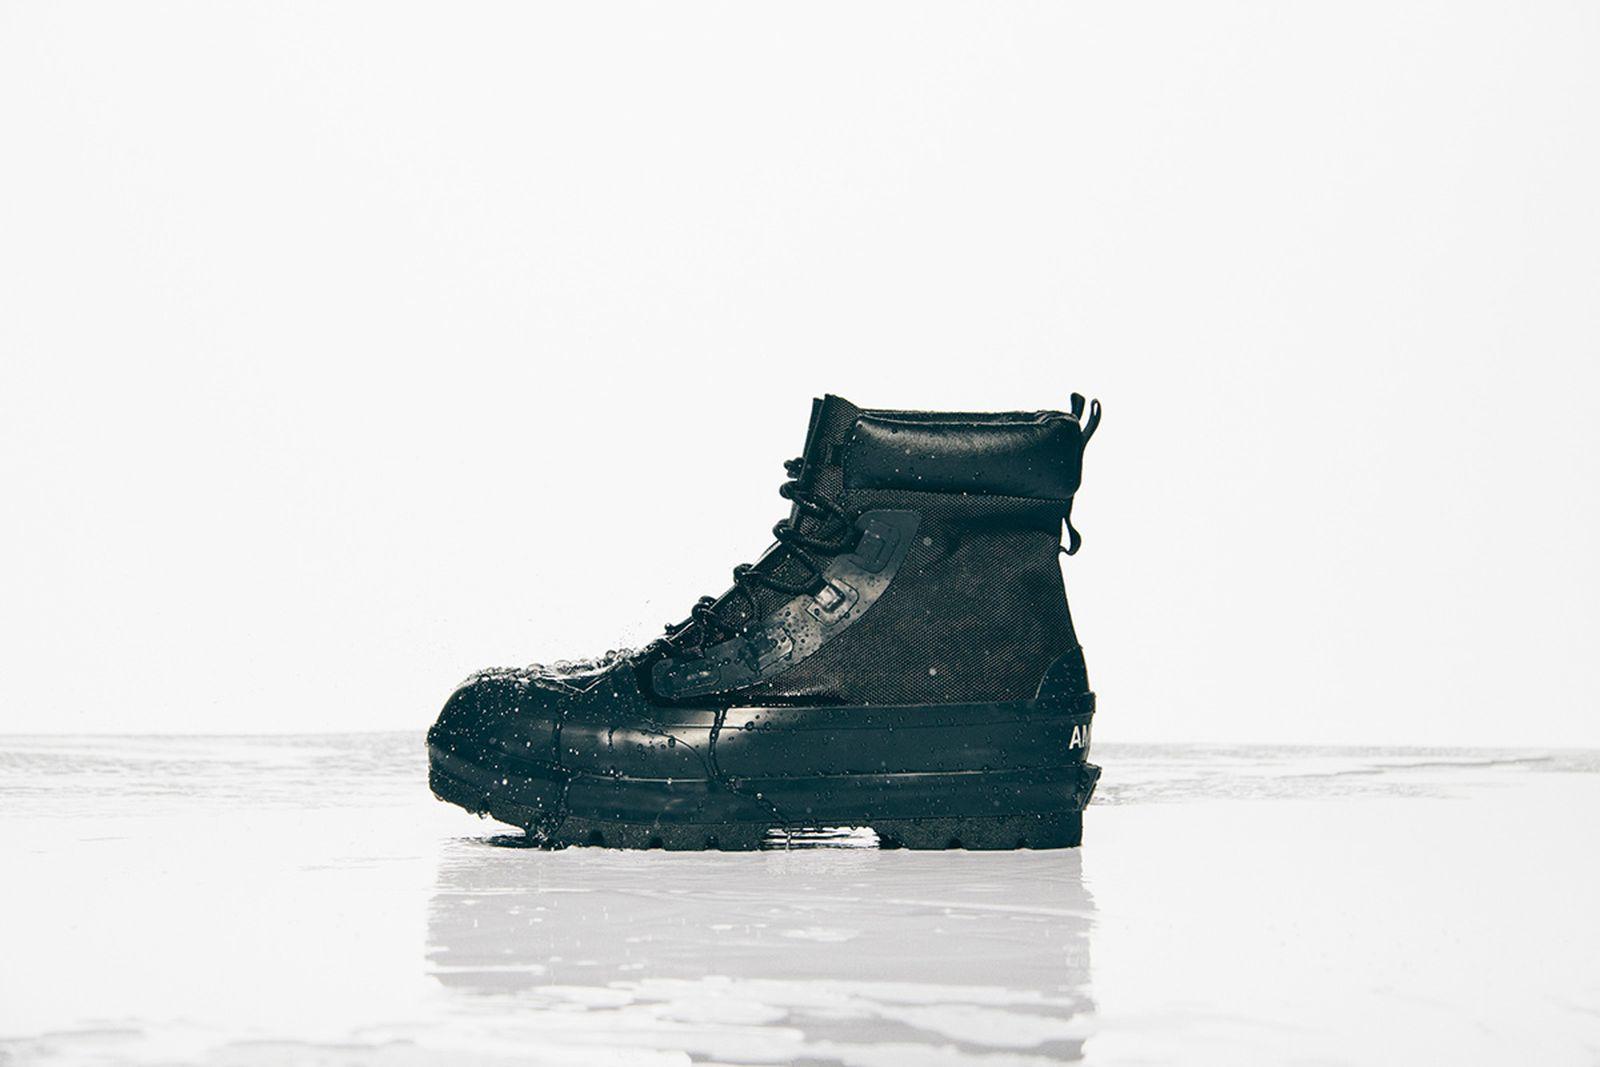 ambush-converse-ctas-duck-boot-release-date-price-23